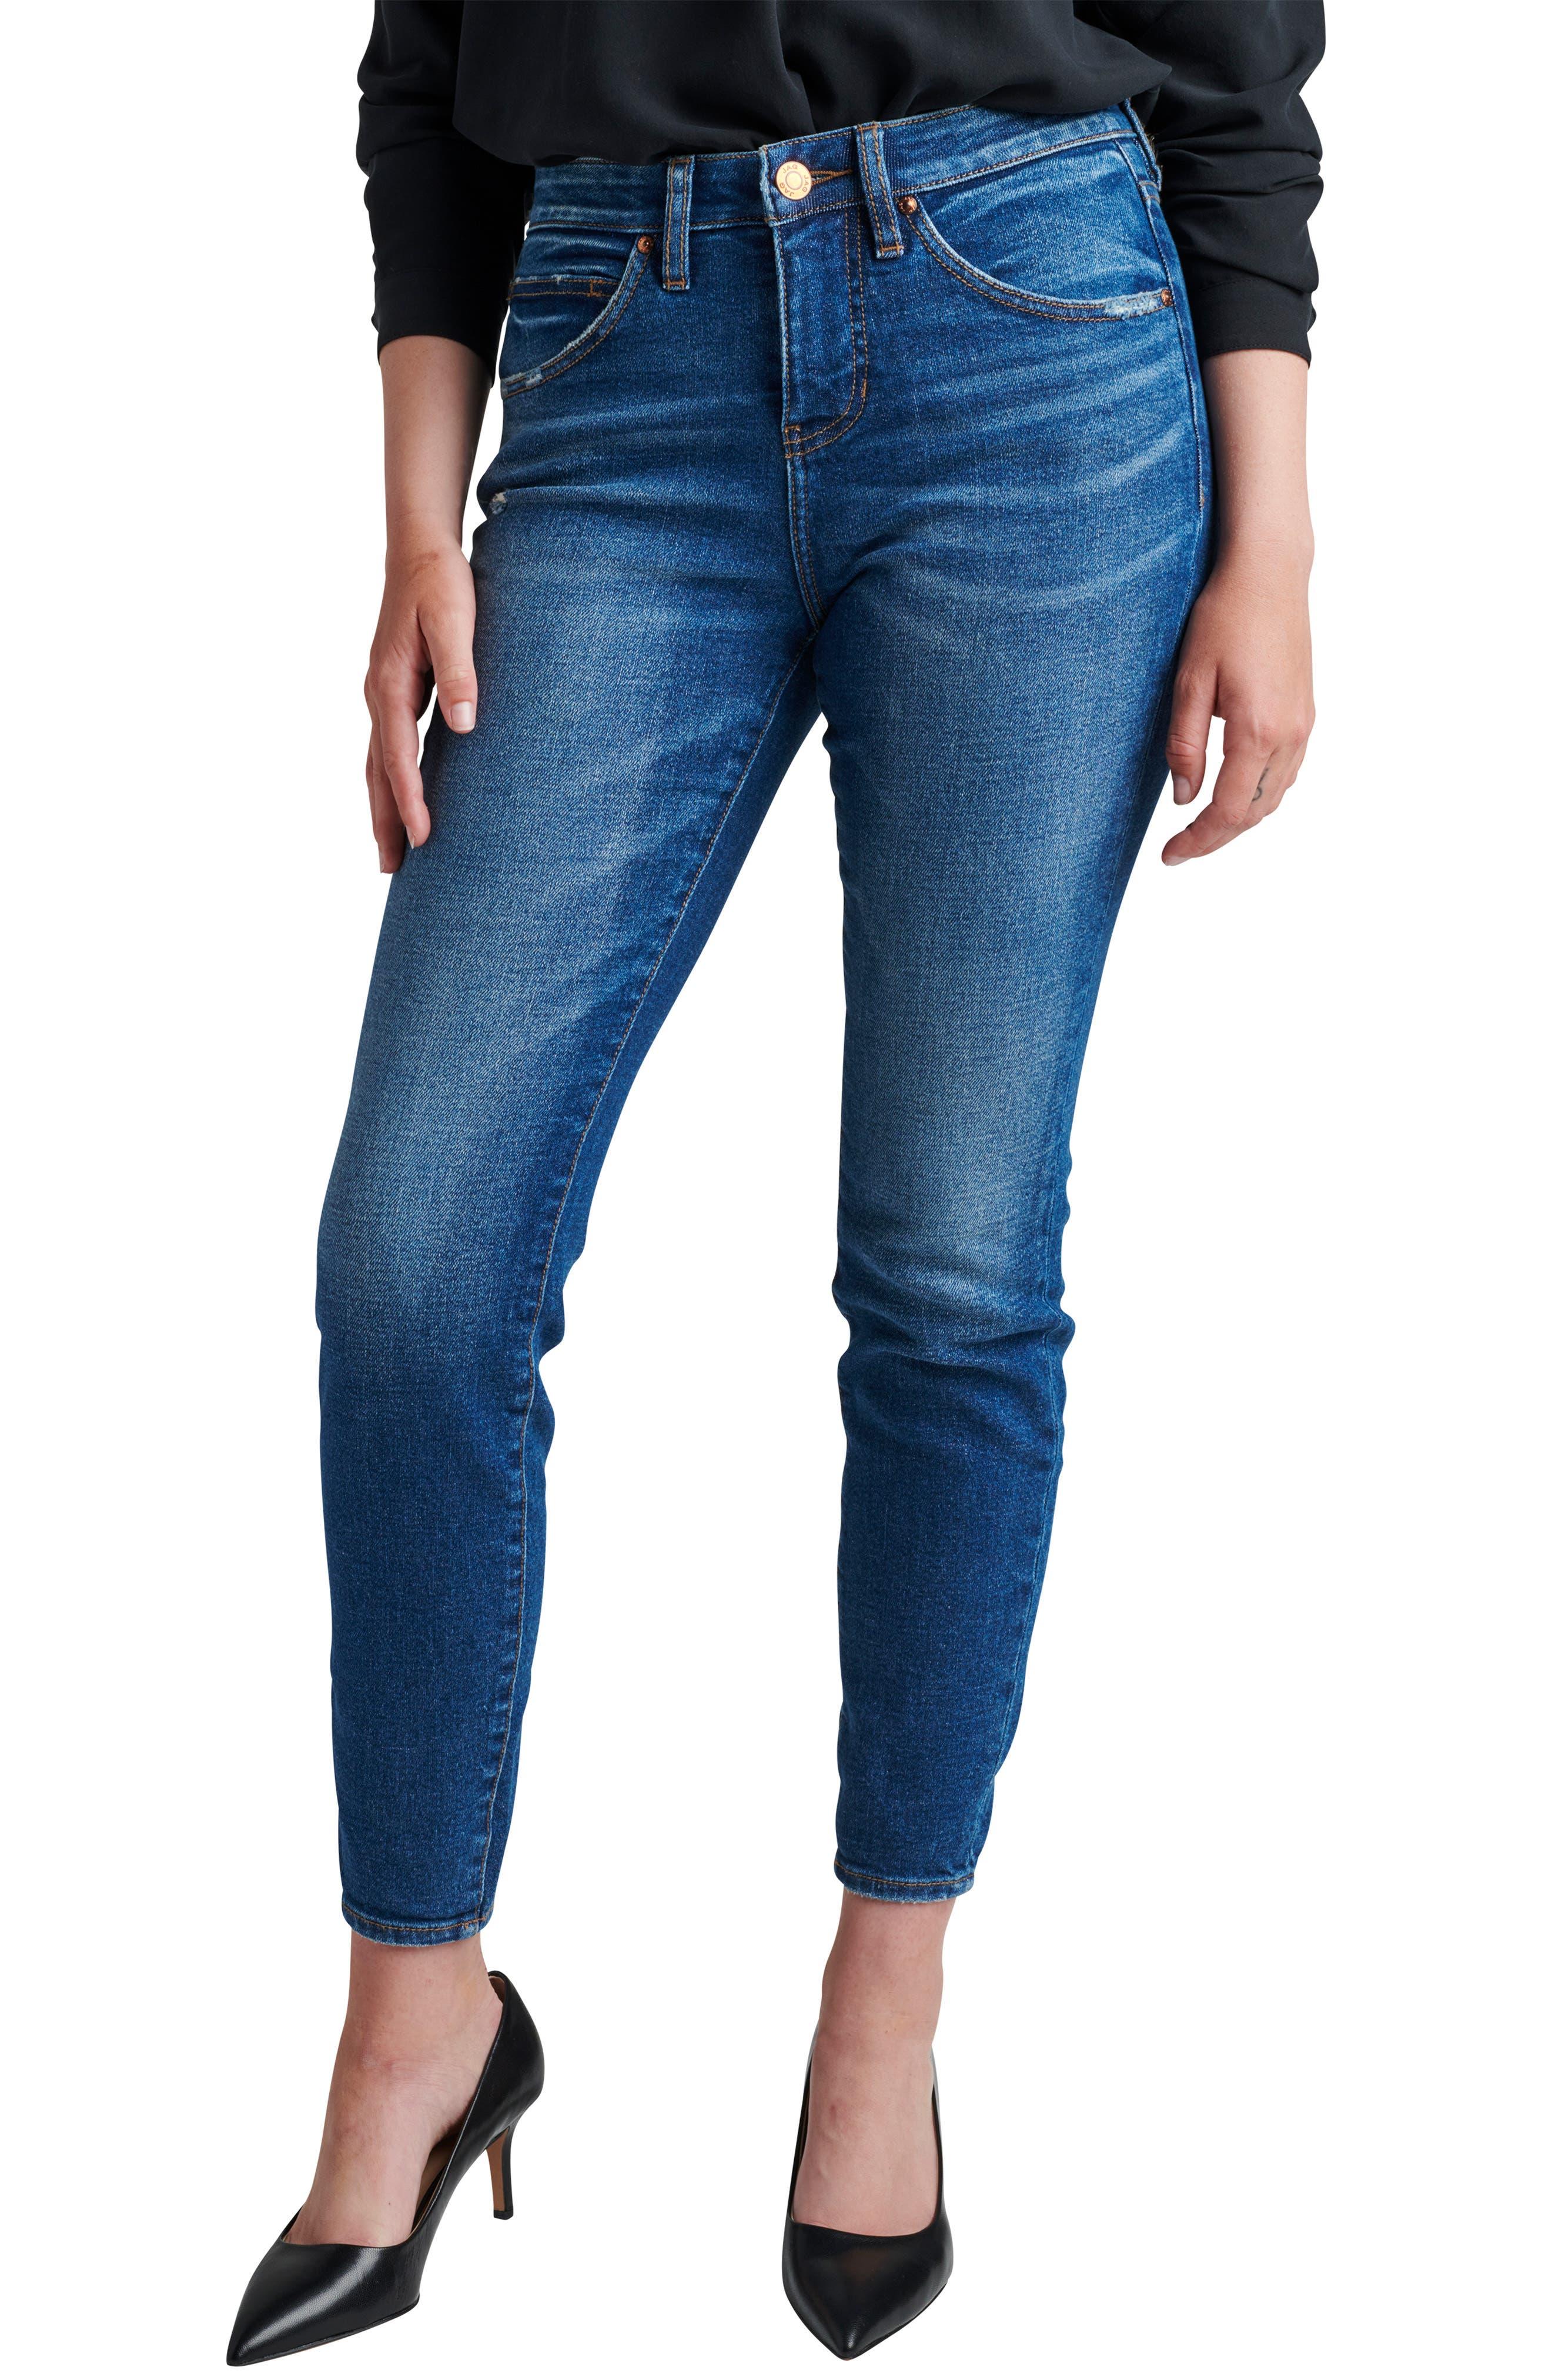 Cecilia High Waist Skinny Jeans